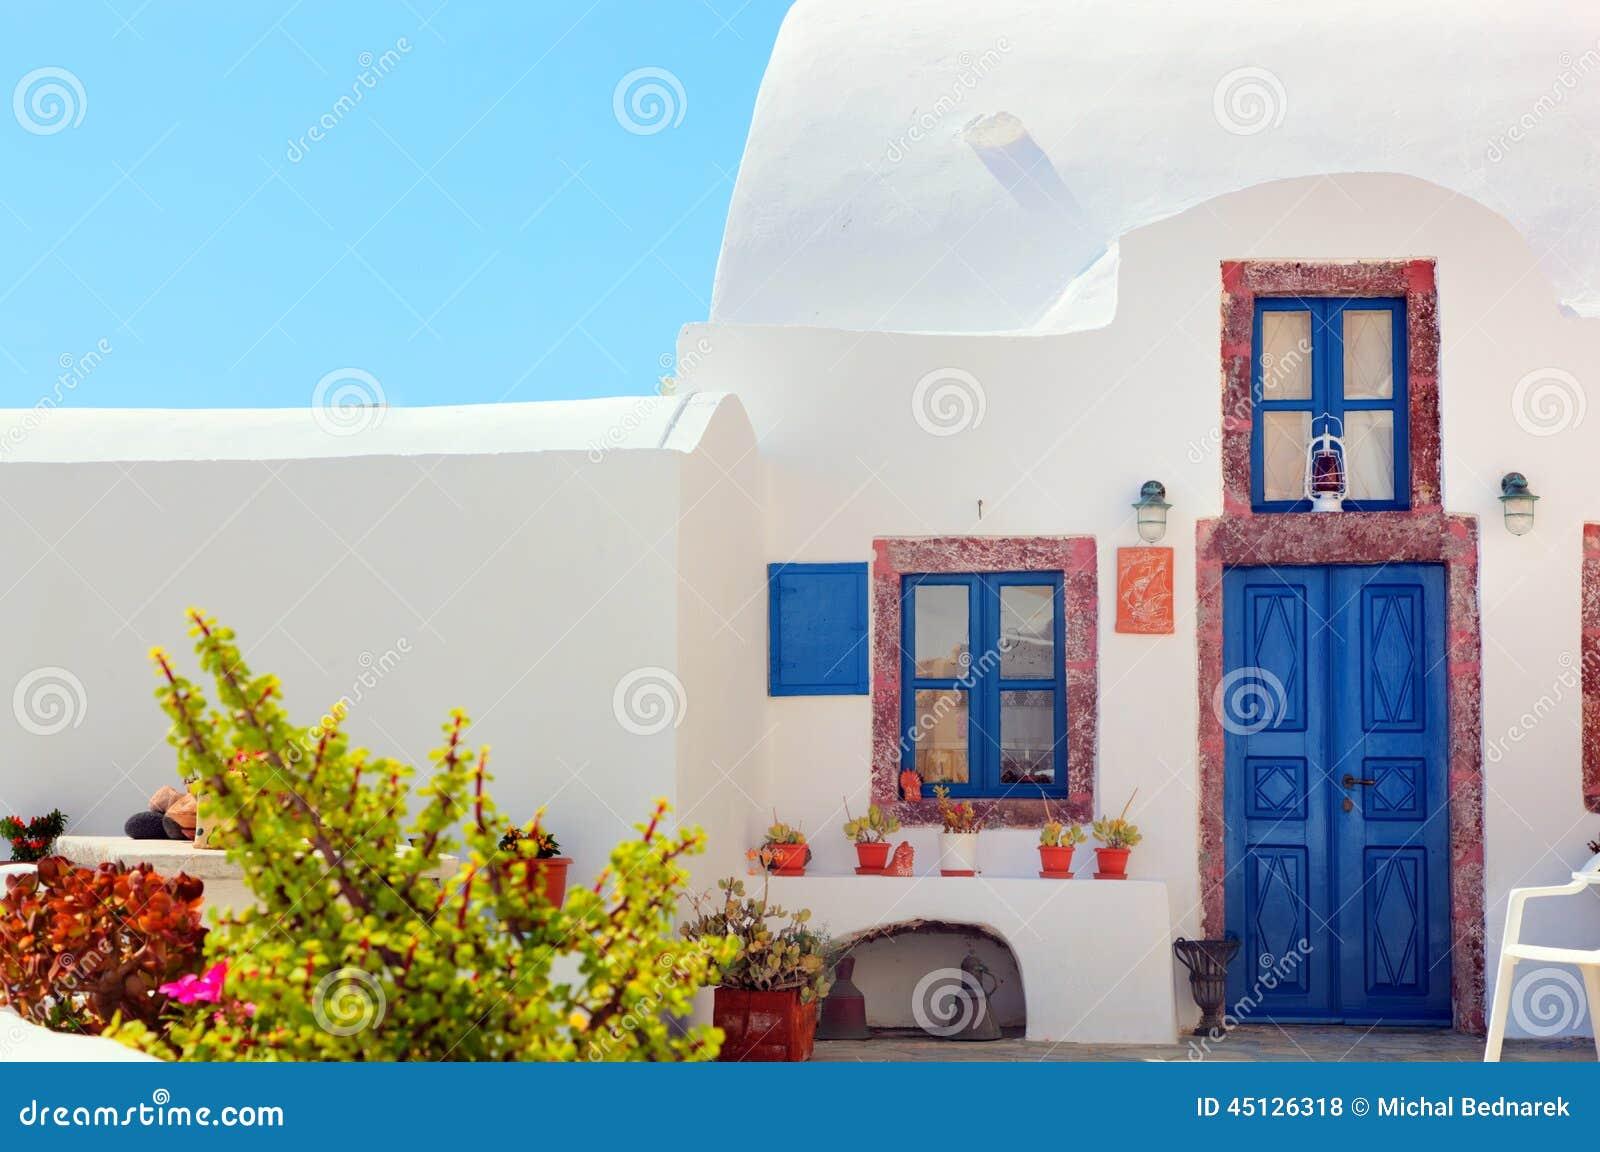 Casa greca tradizionale con la porta e le finestre blu for La pietra tradizionale casa santorini